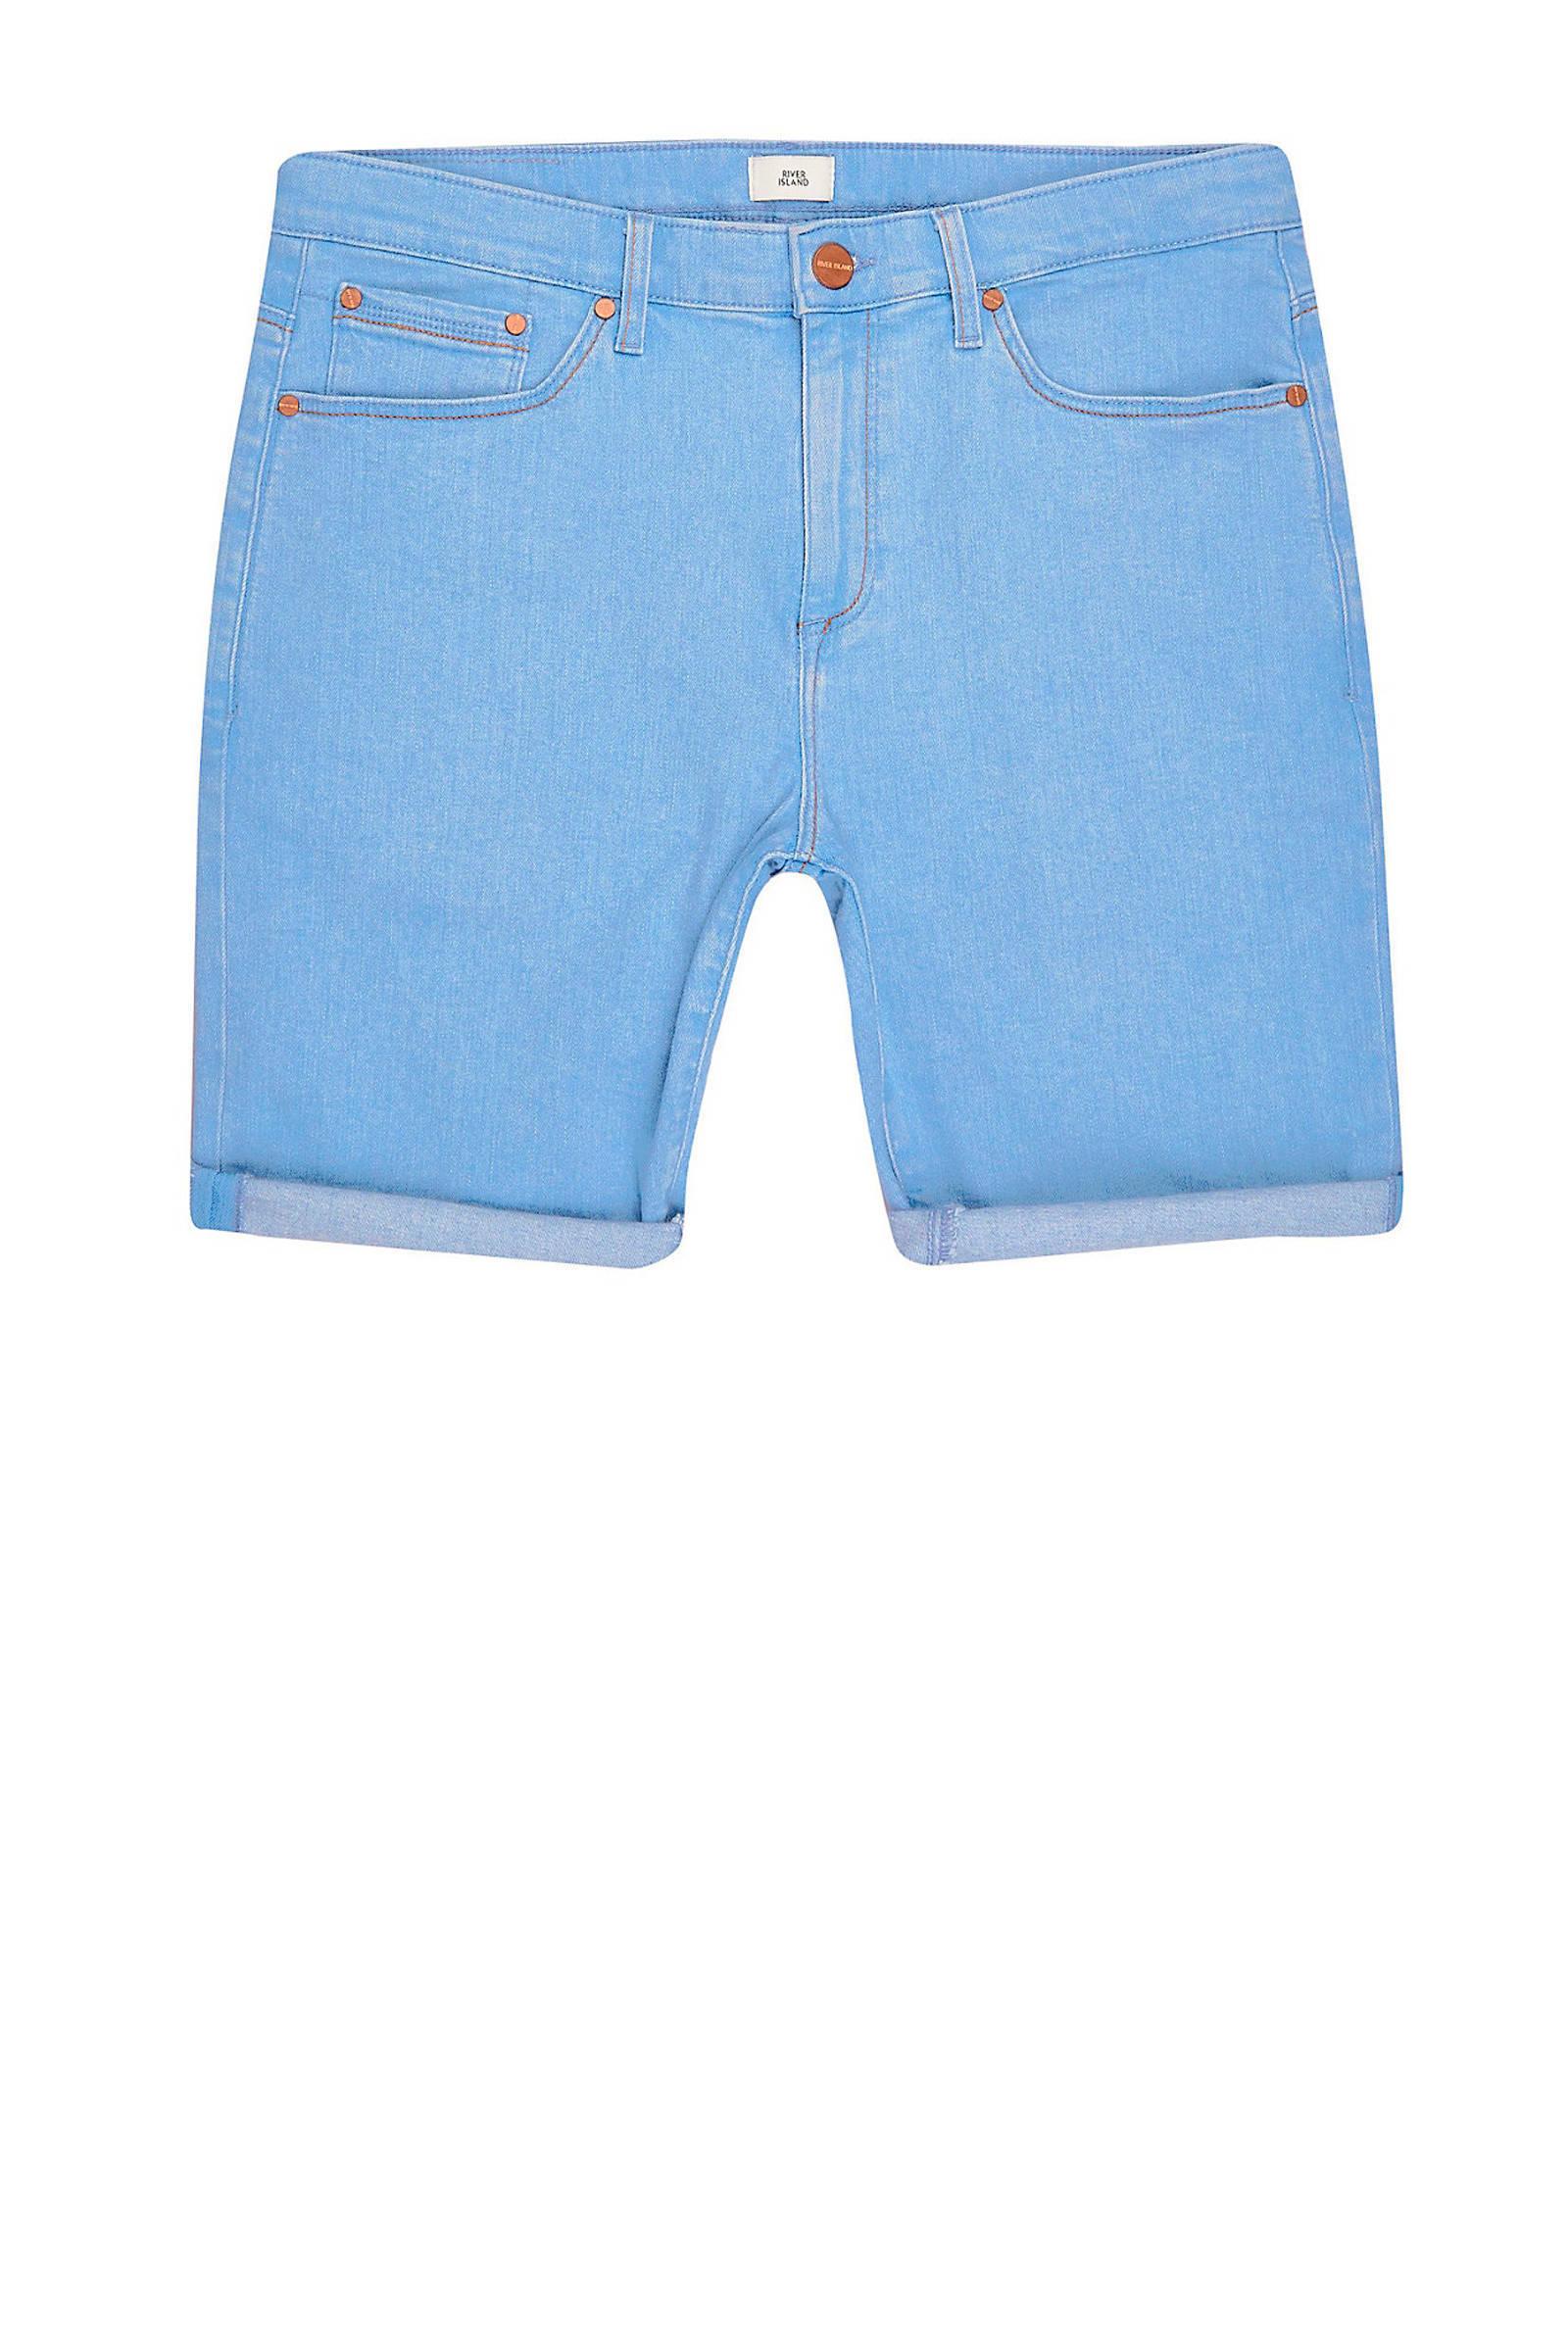 River Island sALE: Jeans & broeken heren bij wehkamp